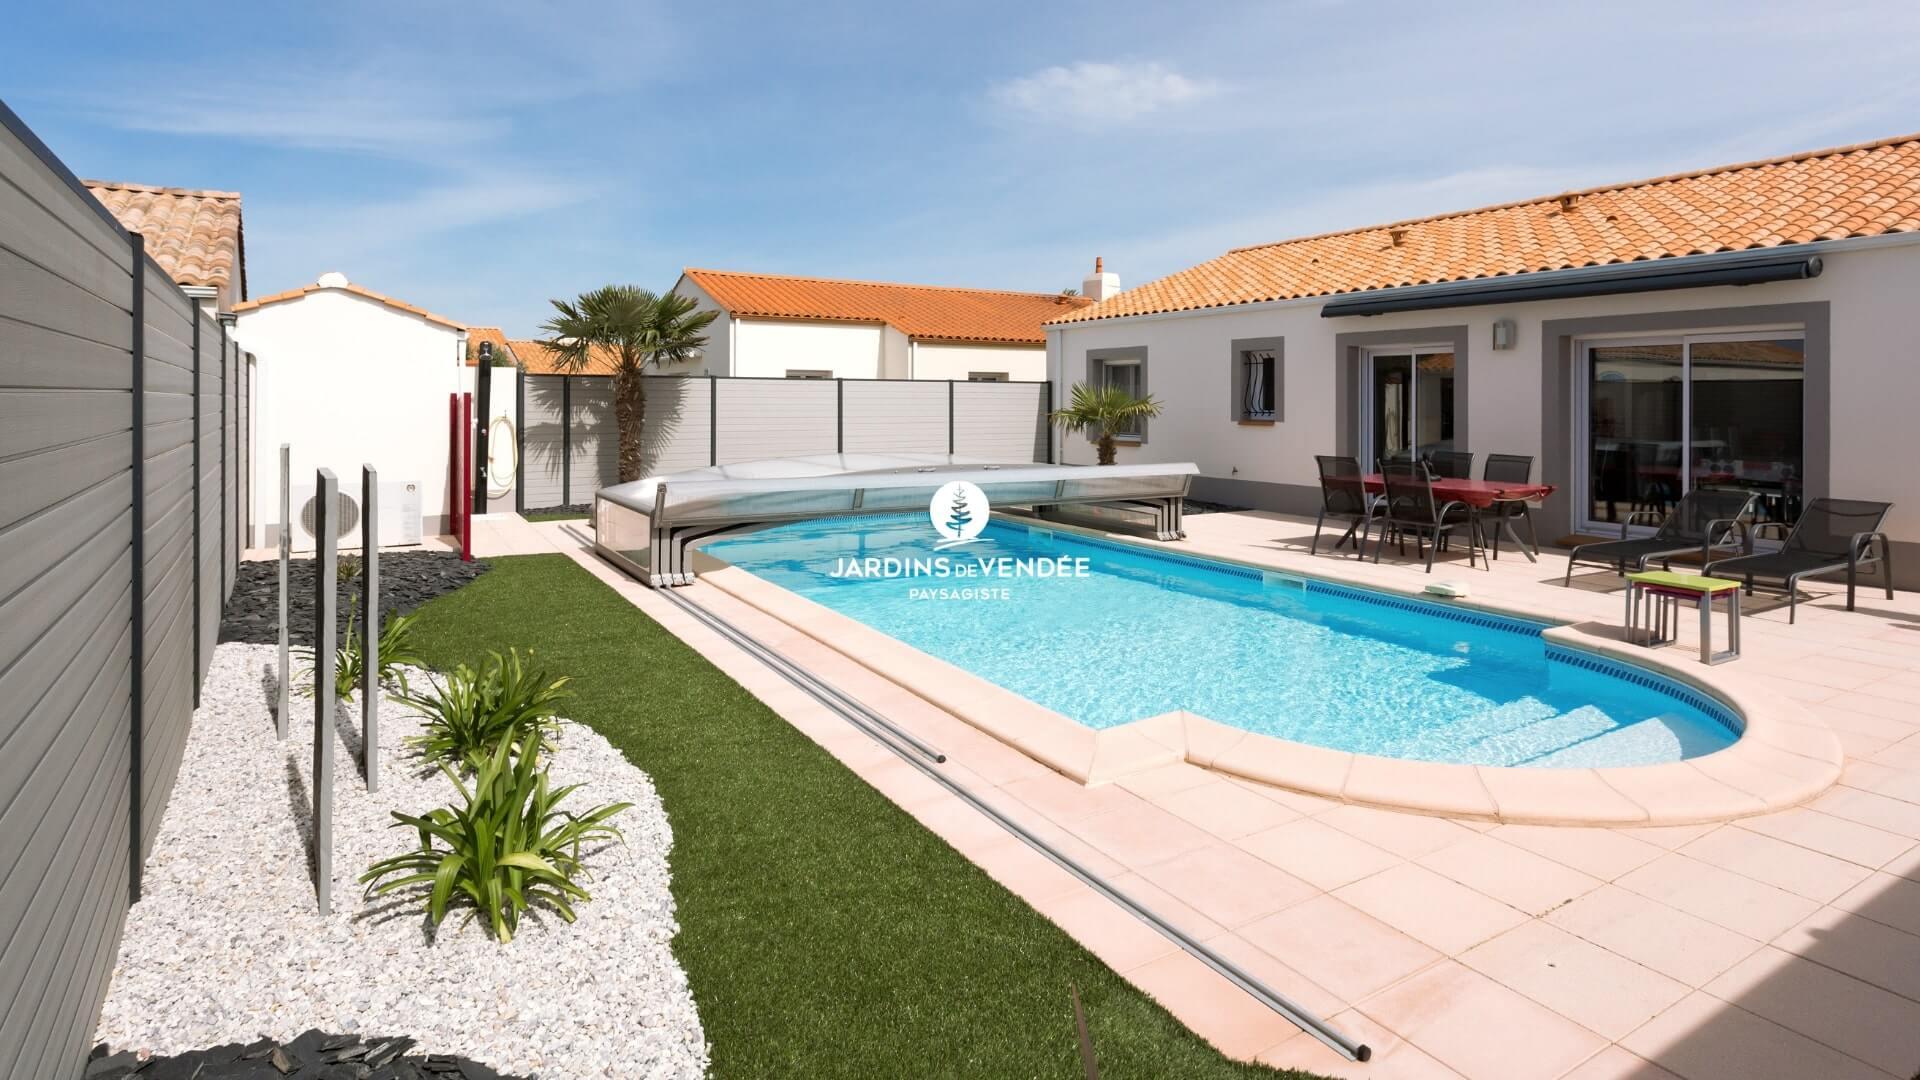 jardins-de-vendee-realisations-piscines-bassins(30)